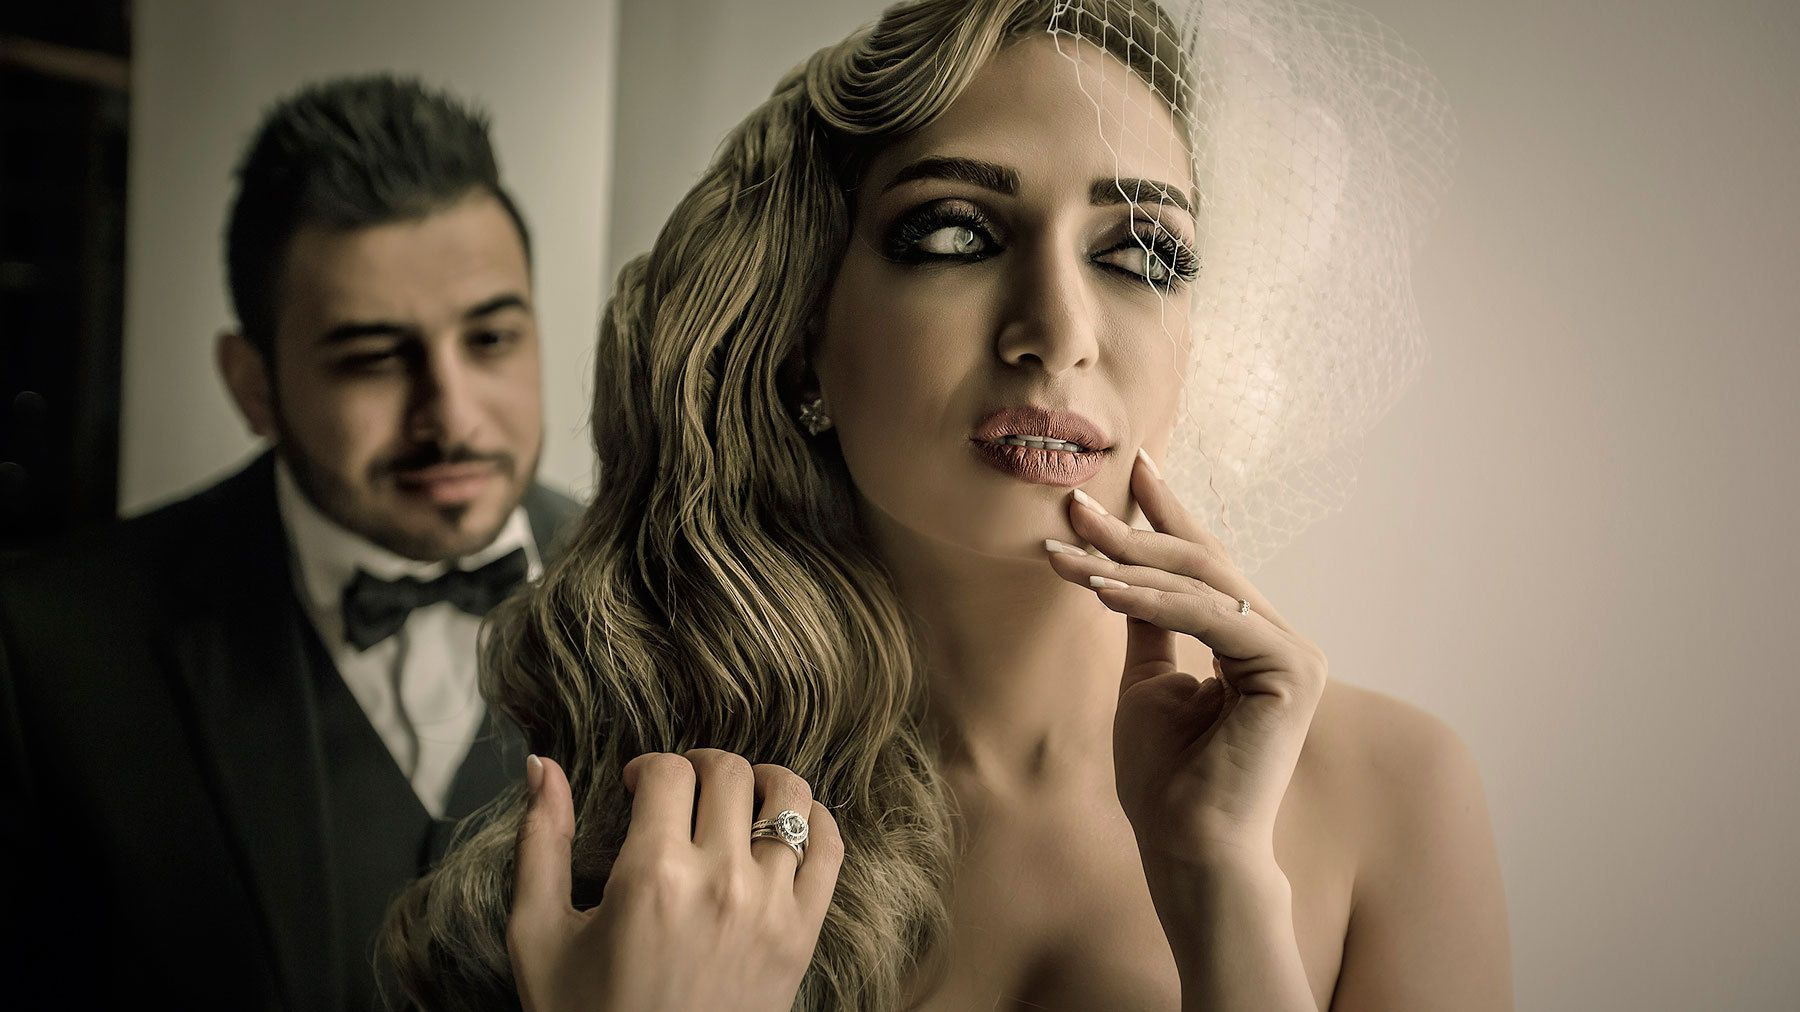 wedding photographers in Dubai